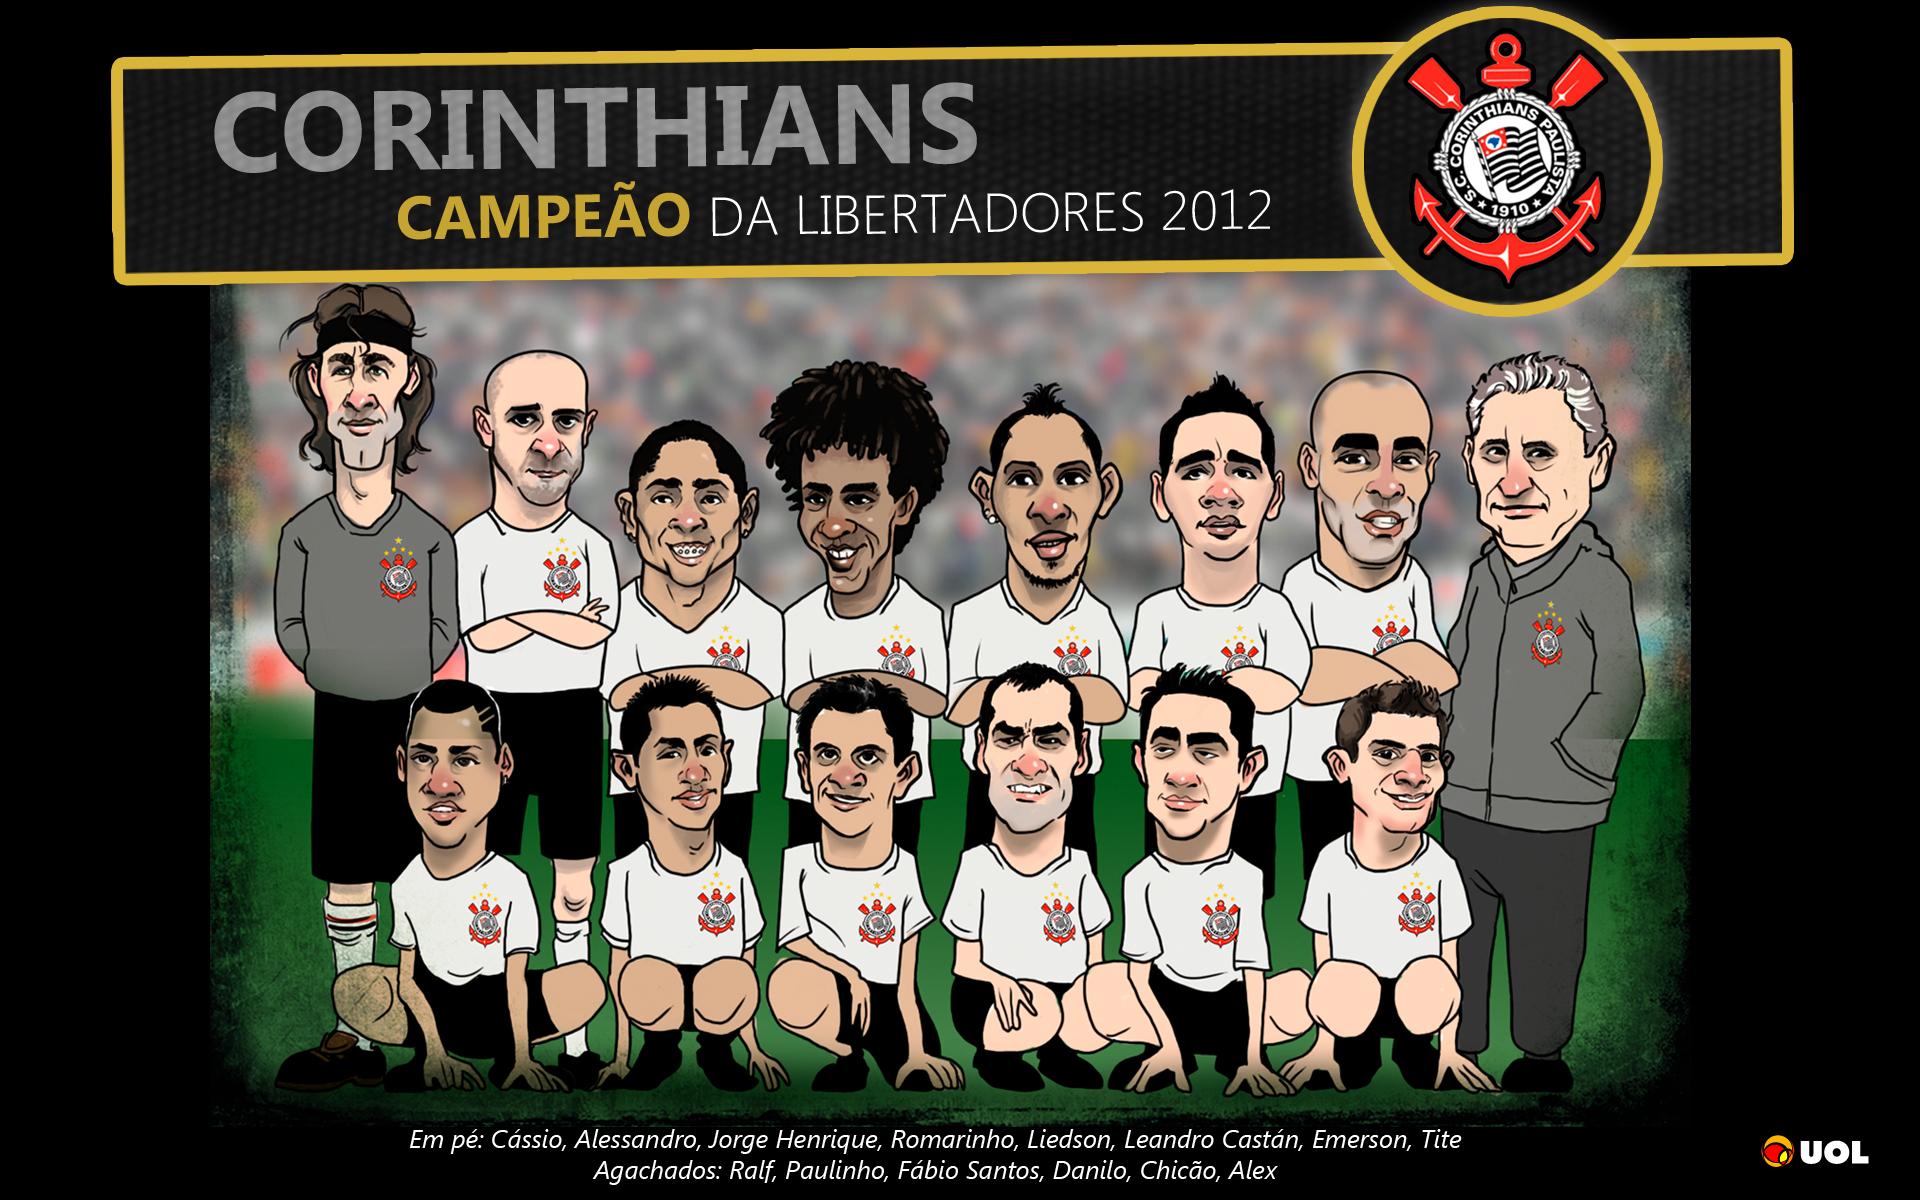 Wallpaper Corinthians Campeão da Libertadores 2012 - 05